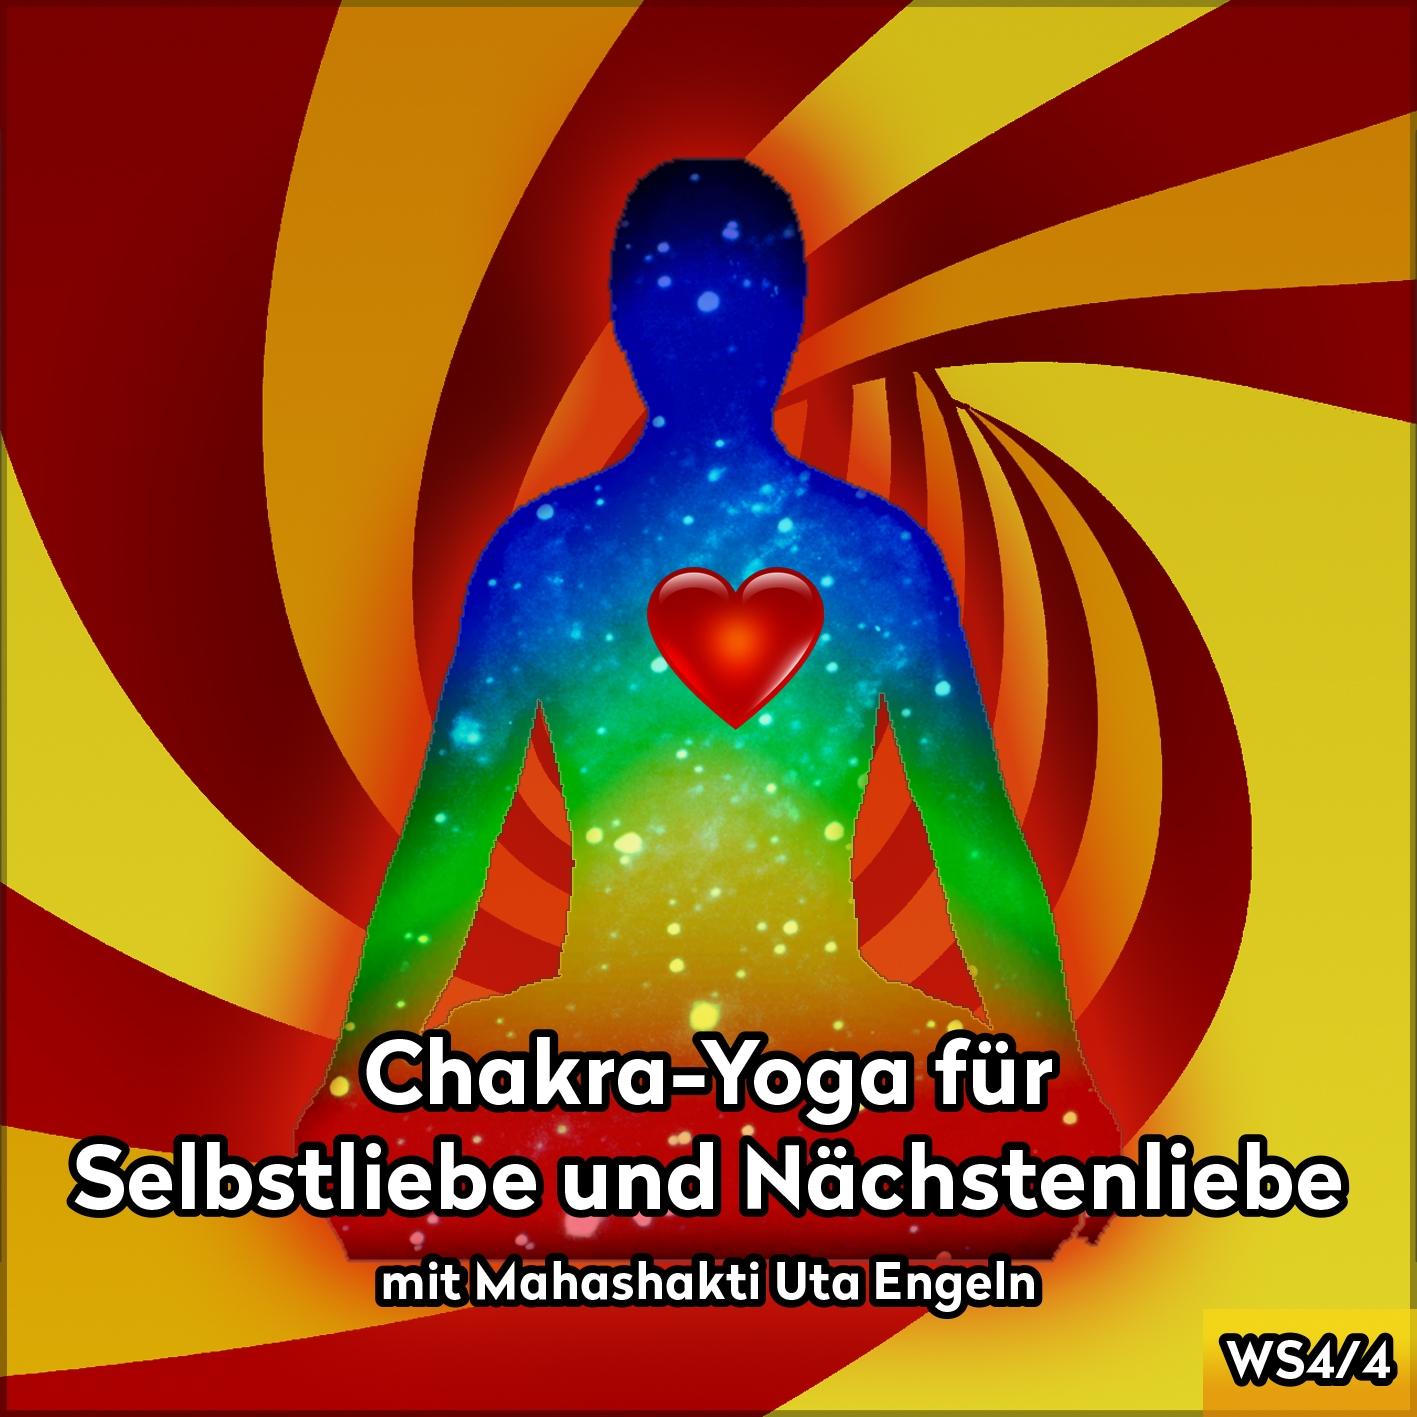 Herzensfreude Chakra-Yoga für Selbstliebe und Nächstsenliebe